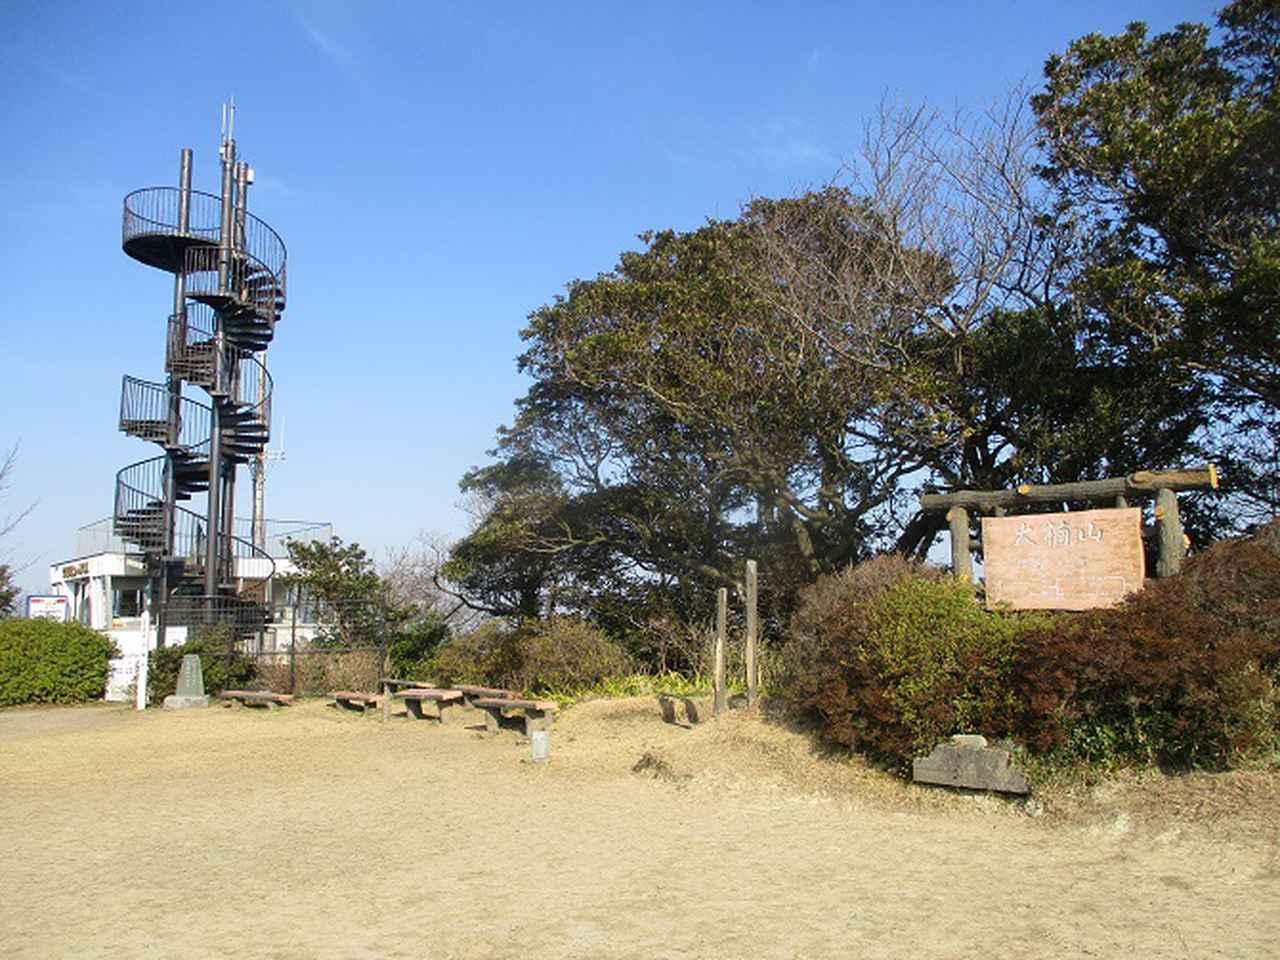 画像5: 3月の山旅会 大楠山から衣笠城跡 ツアーの下見に行ってきました!